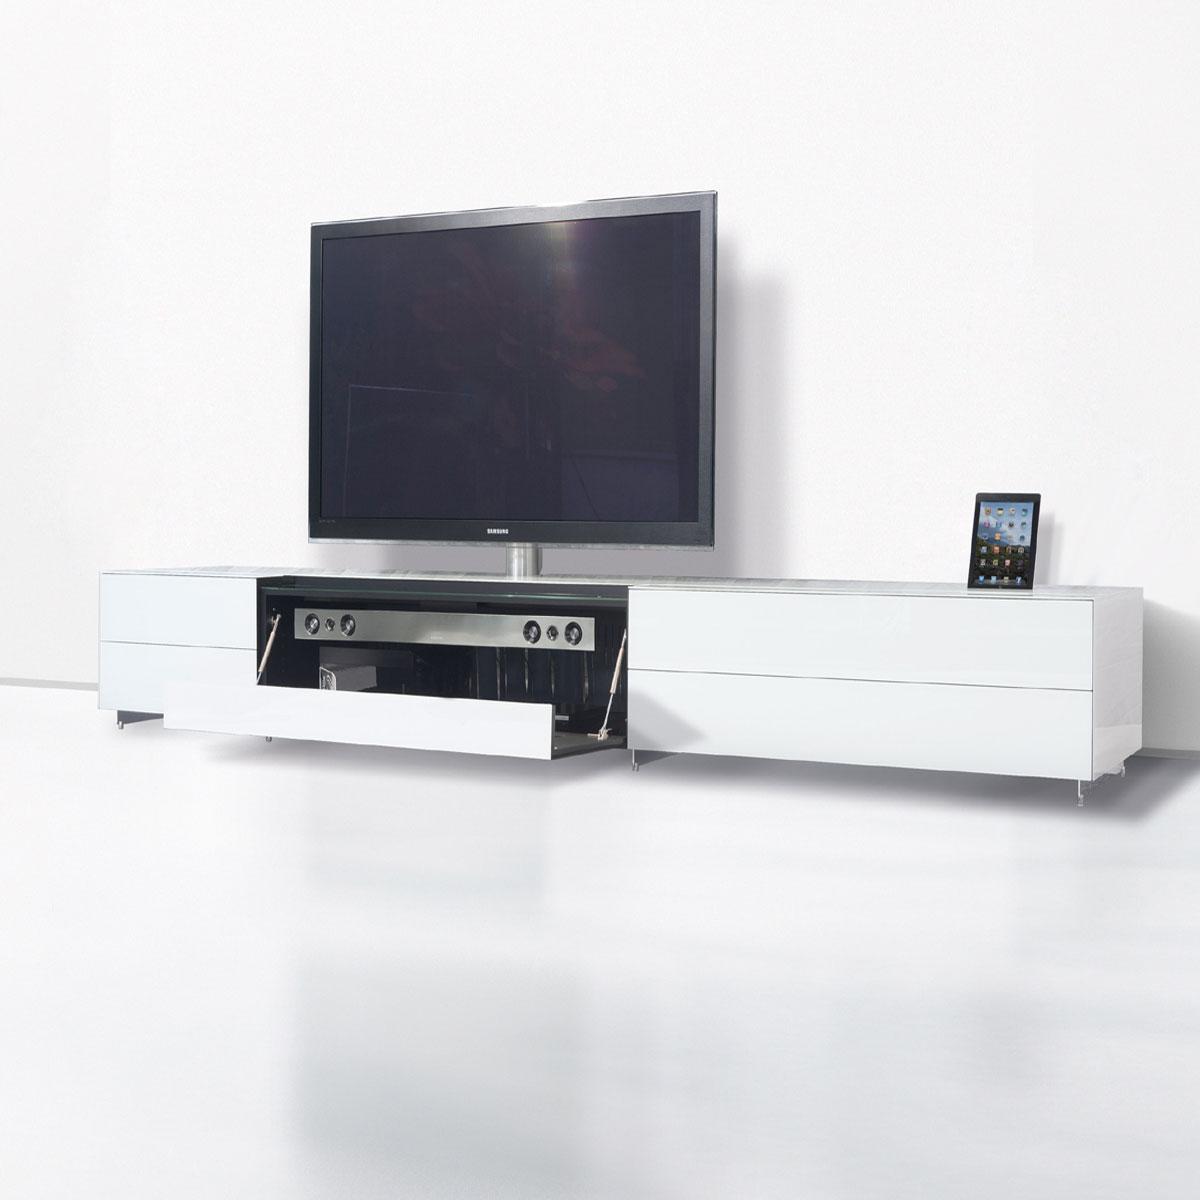 Ein Fernsehmöbel mit Verglasung. Für die technischen Raffinessen beraten wir SIe gerne telefonisch.